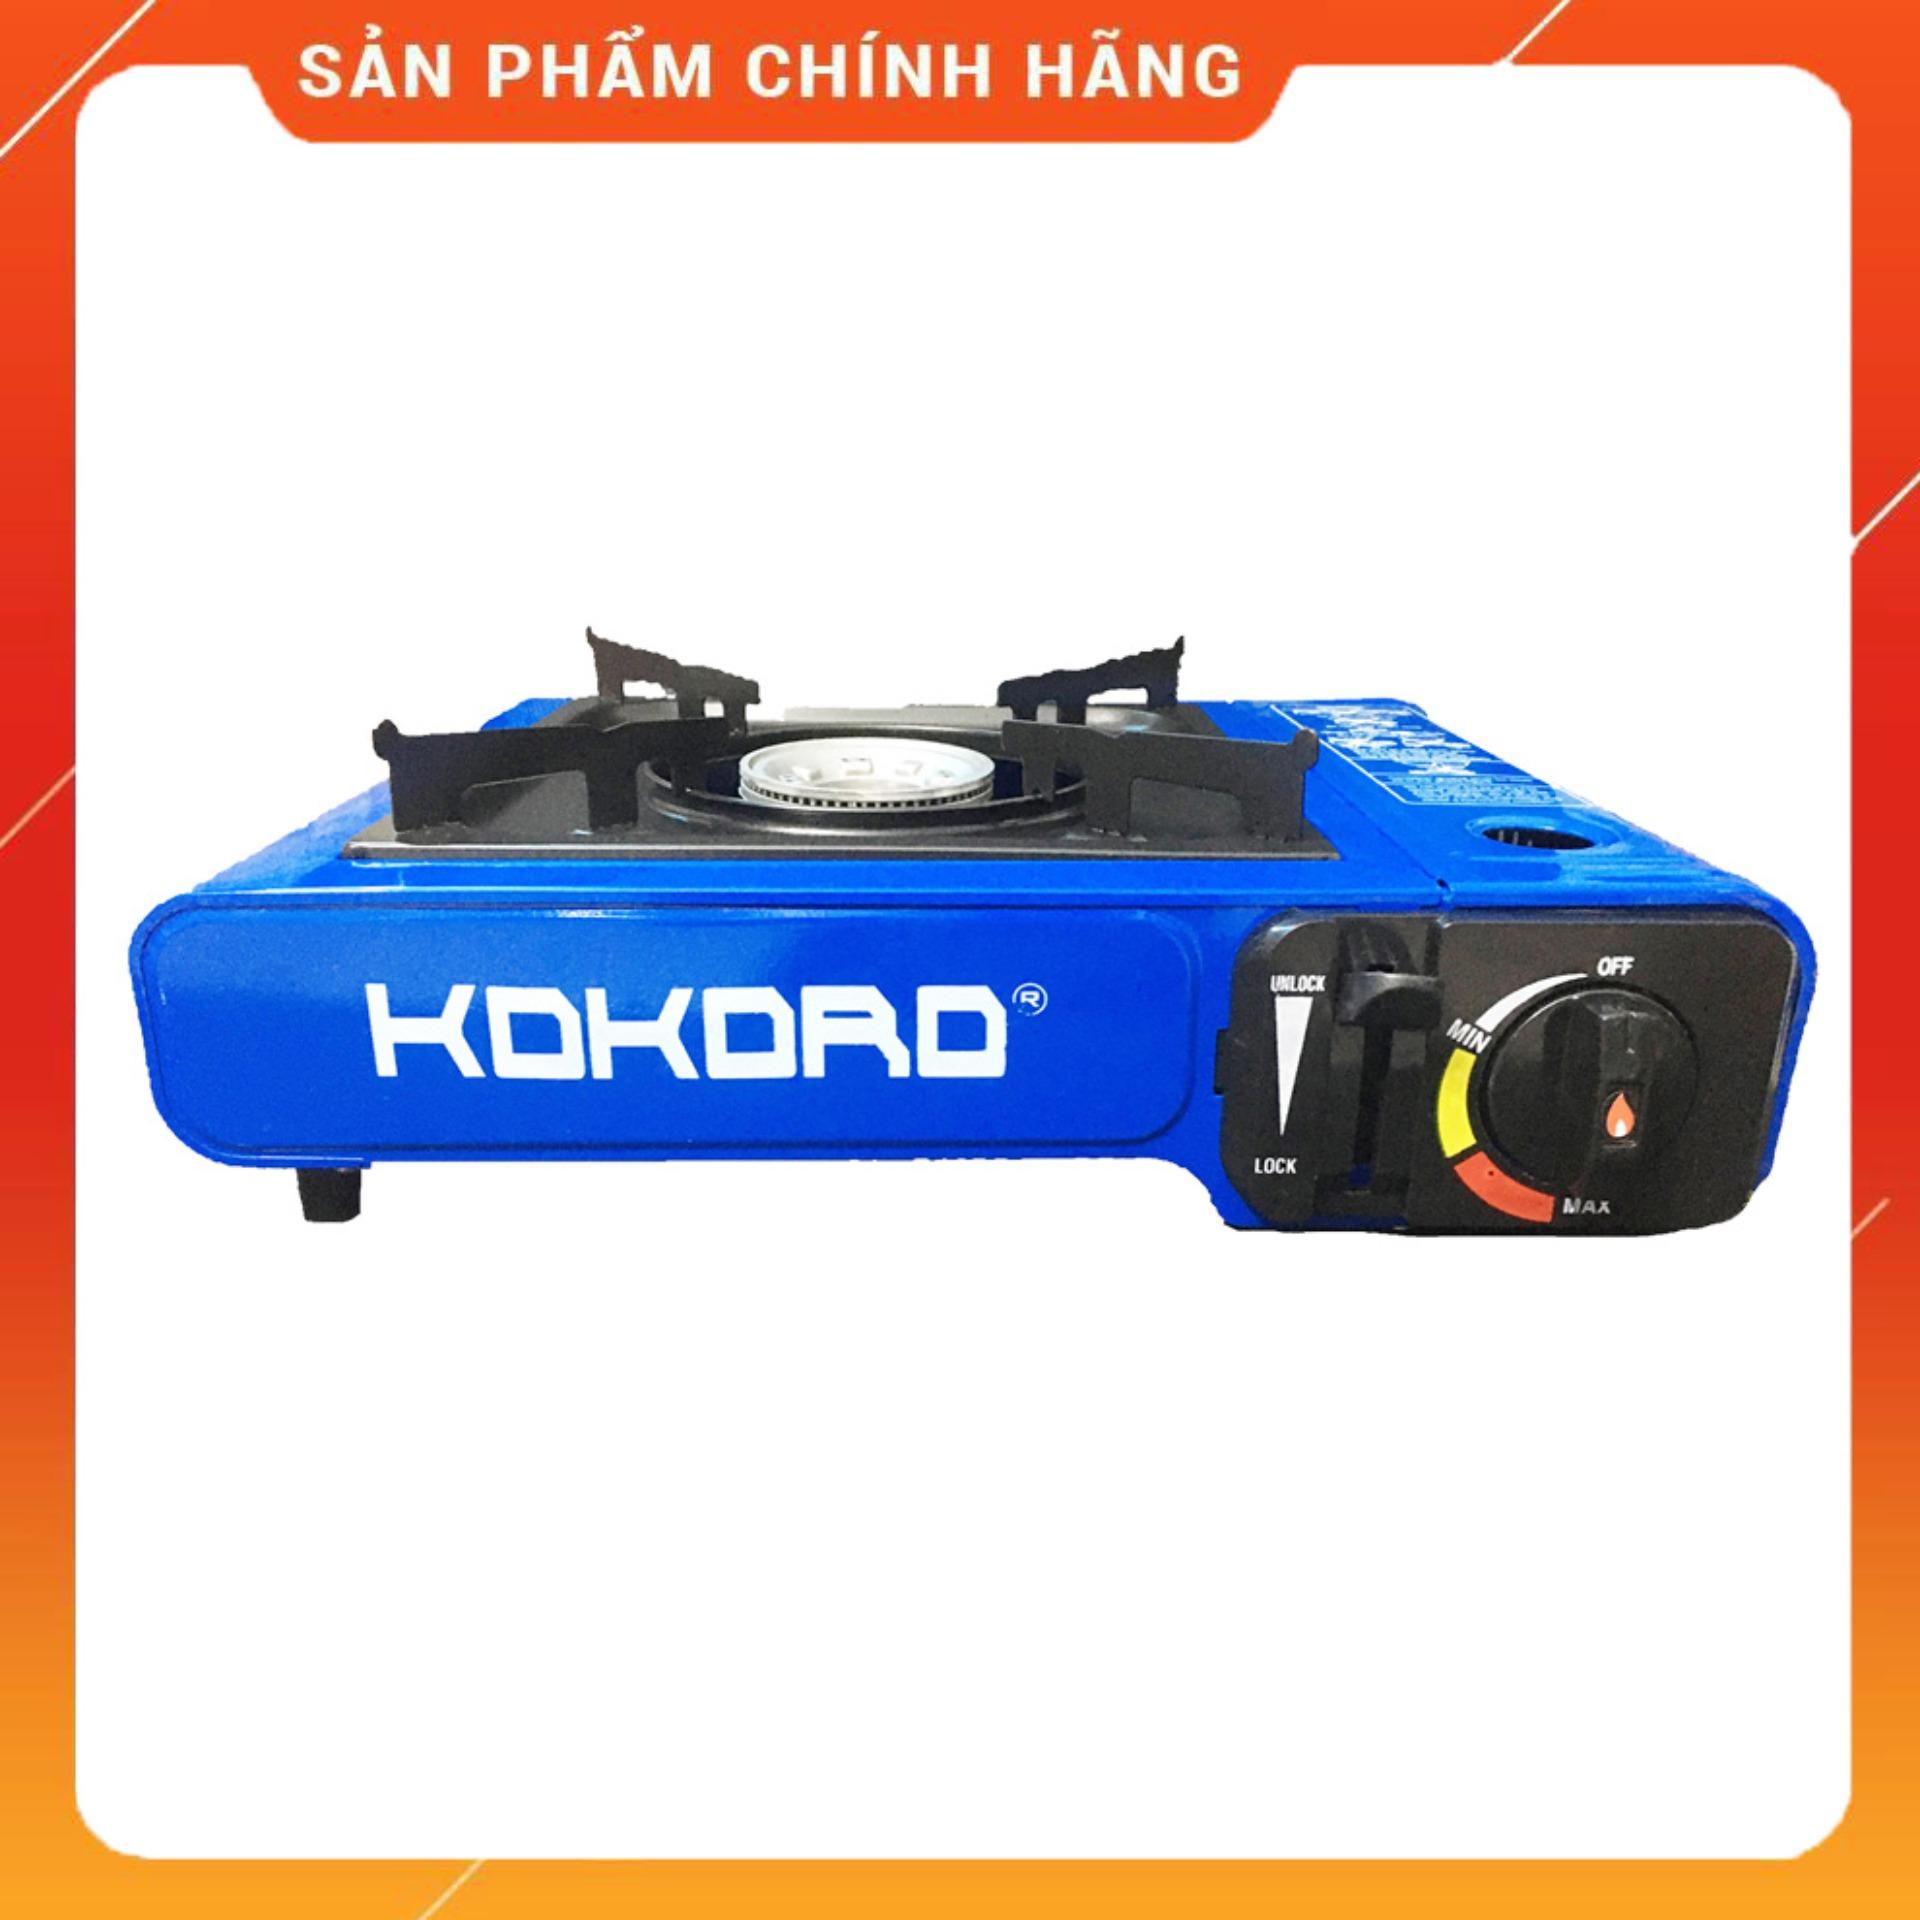 Bếp gas du lịch Kokoro thân sơn tĩnh điện (bếp ga mini chống cháy nổ - an toàn sử dụng) - bep ga mini, bep gas mini, bep mini, bep du lich Namilux